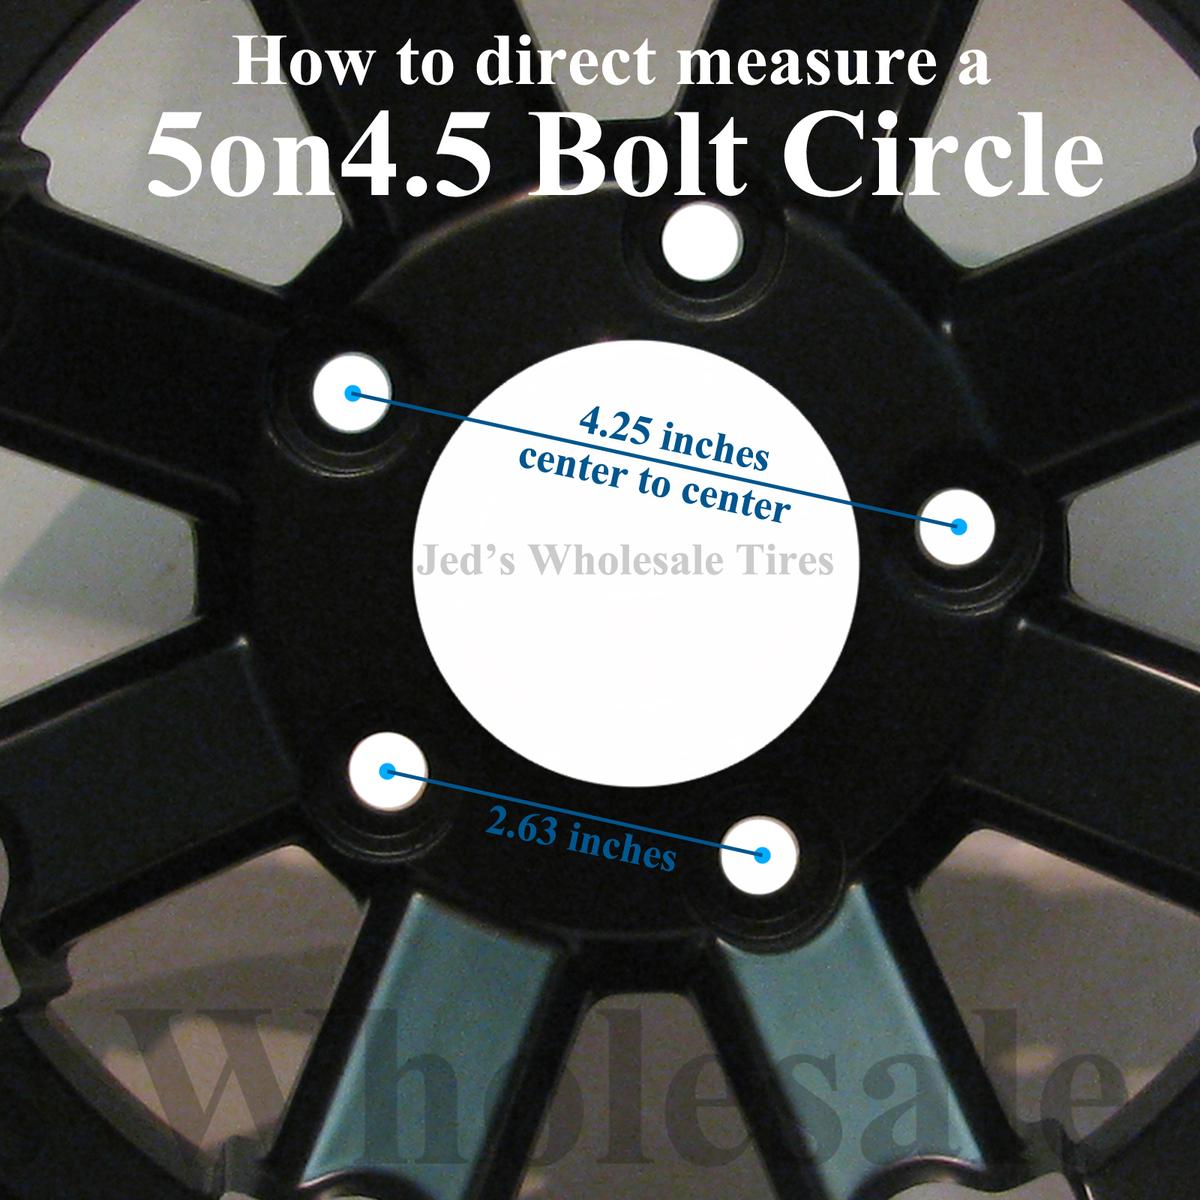 2 5 70 8 570 8 Jet Ski Pop Up camper Boat Trailer Tires Rims Wheels 5 Hole 6PLY